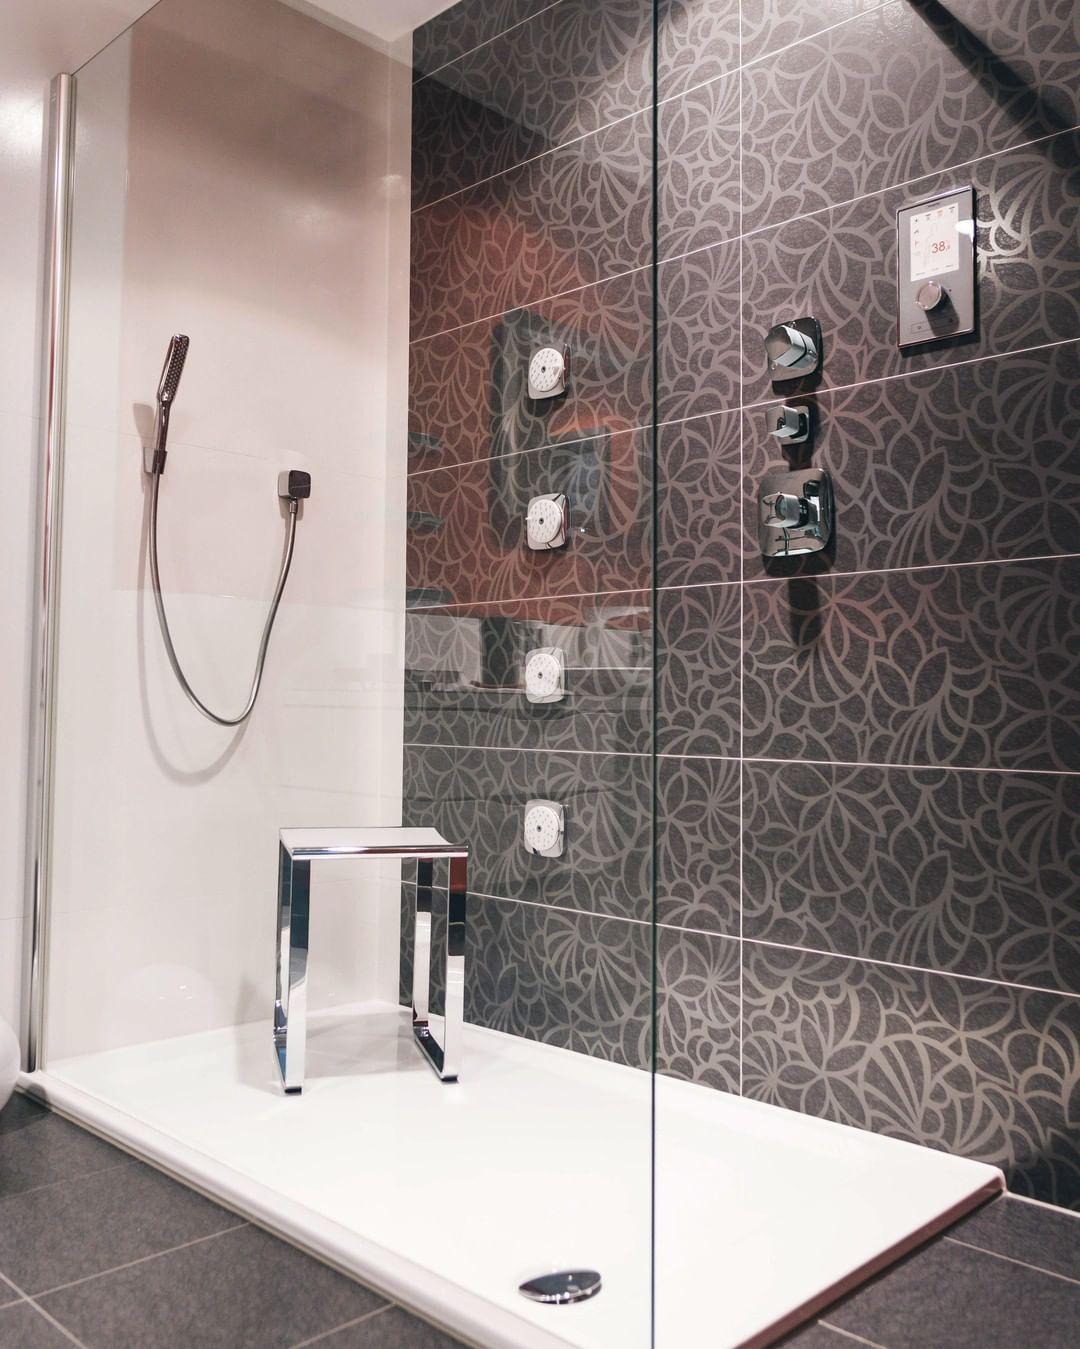 Begehbare Duschen Sind Einfach Was Feines Findet Ihr Nicht Auch Diese Ausstellungsdusche Hat Ausserdem Massagedusen Inkludiert Damit Jeder Duschgang Zum Erleb